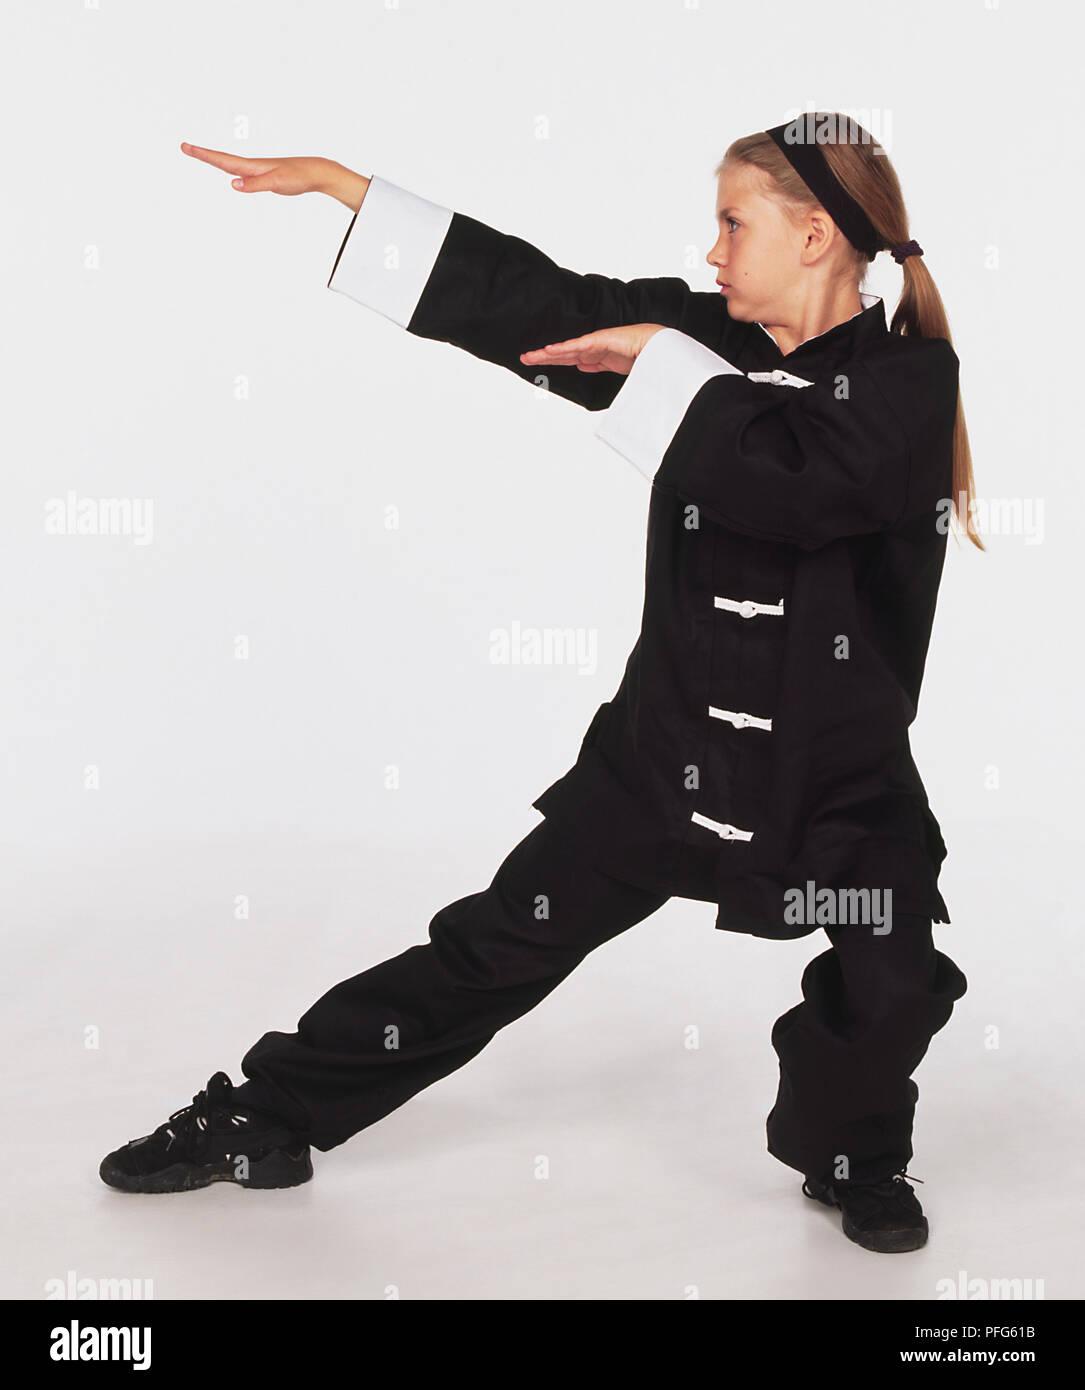 3ebfff7f6d329 Jeune fille portant des uniformes d arts martiaux le serpent monétaire.